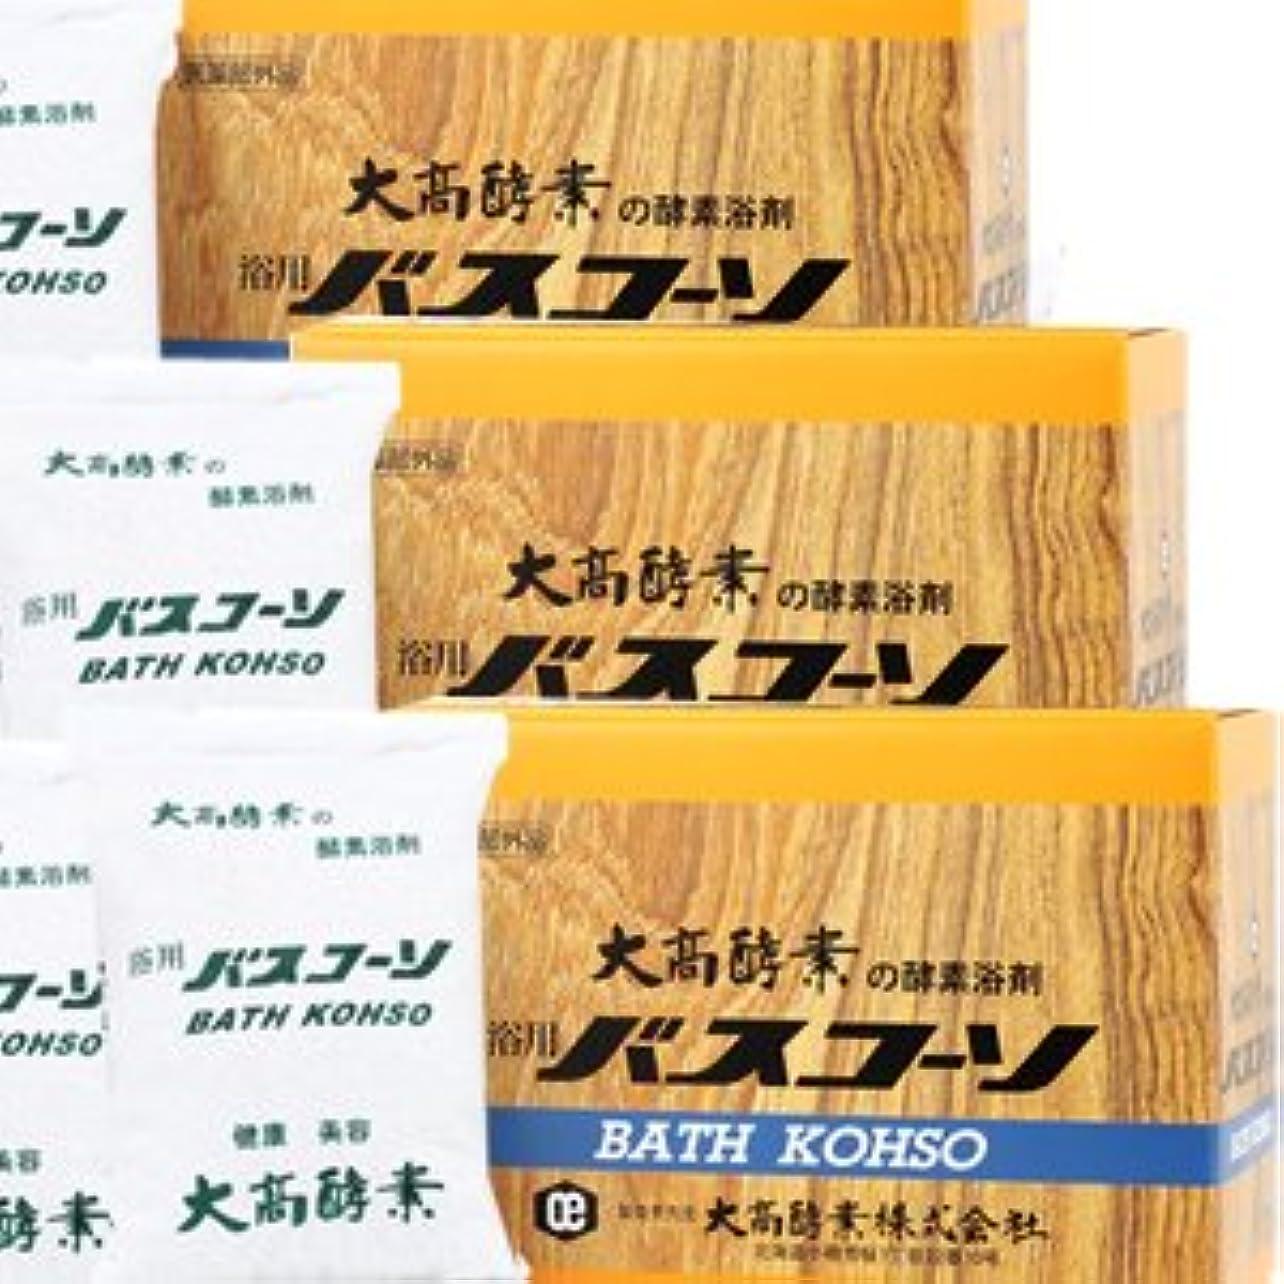 すりびん優勢【3個】 大高酵素 バスコーソ酵素入浴剤(100g×6袋)x3個 4971578001095